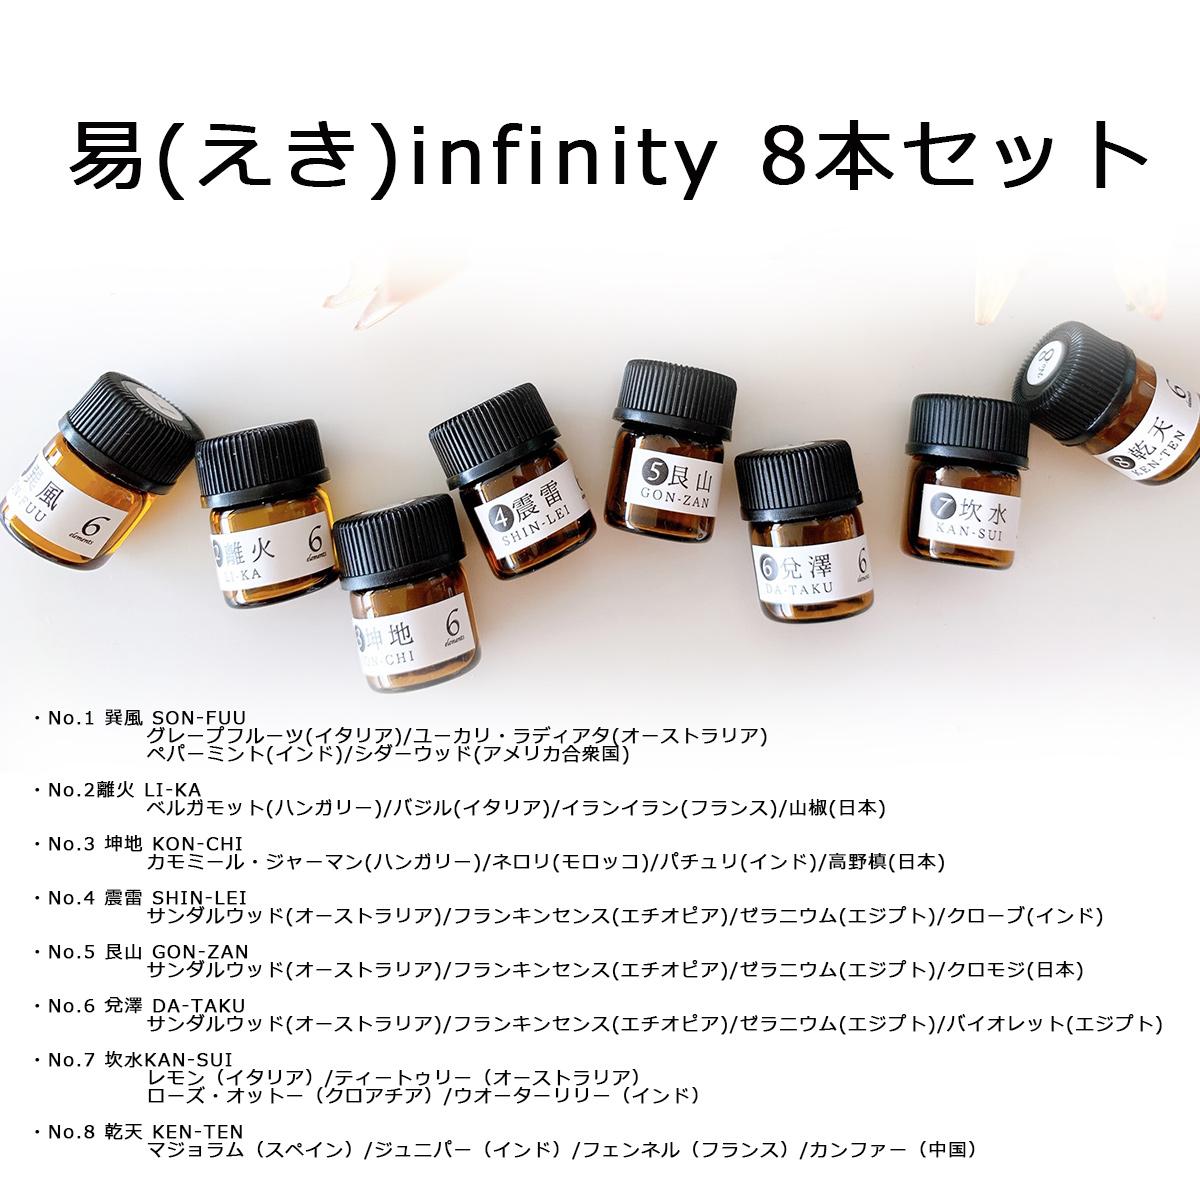 6elements Japan 易(えき)infinity 8本セット 【 翌日配達 送料無料 】 【 アロマ アロマテラピー 天然成分 高品質 エッセンシャルオイル  】